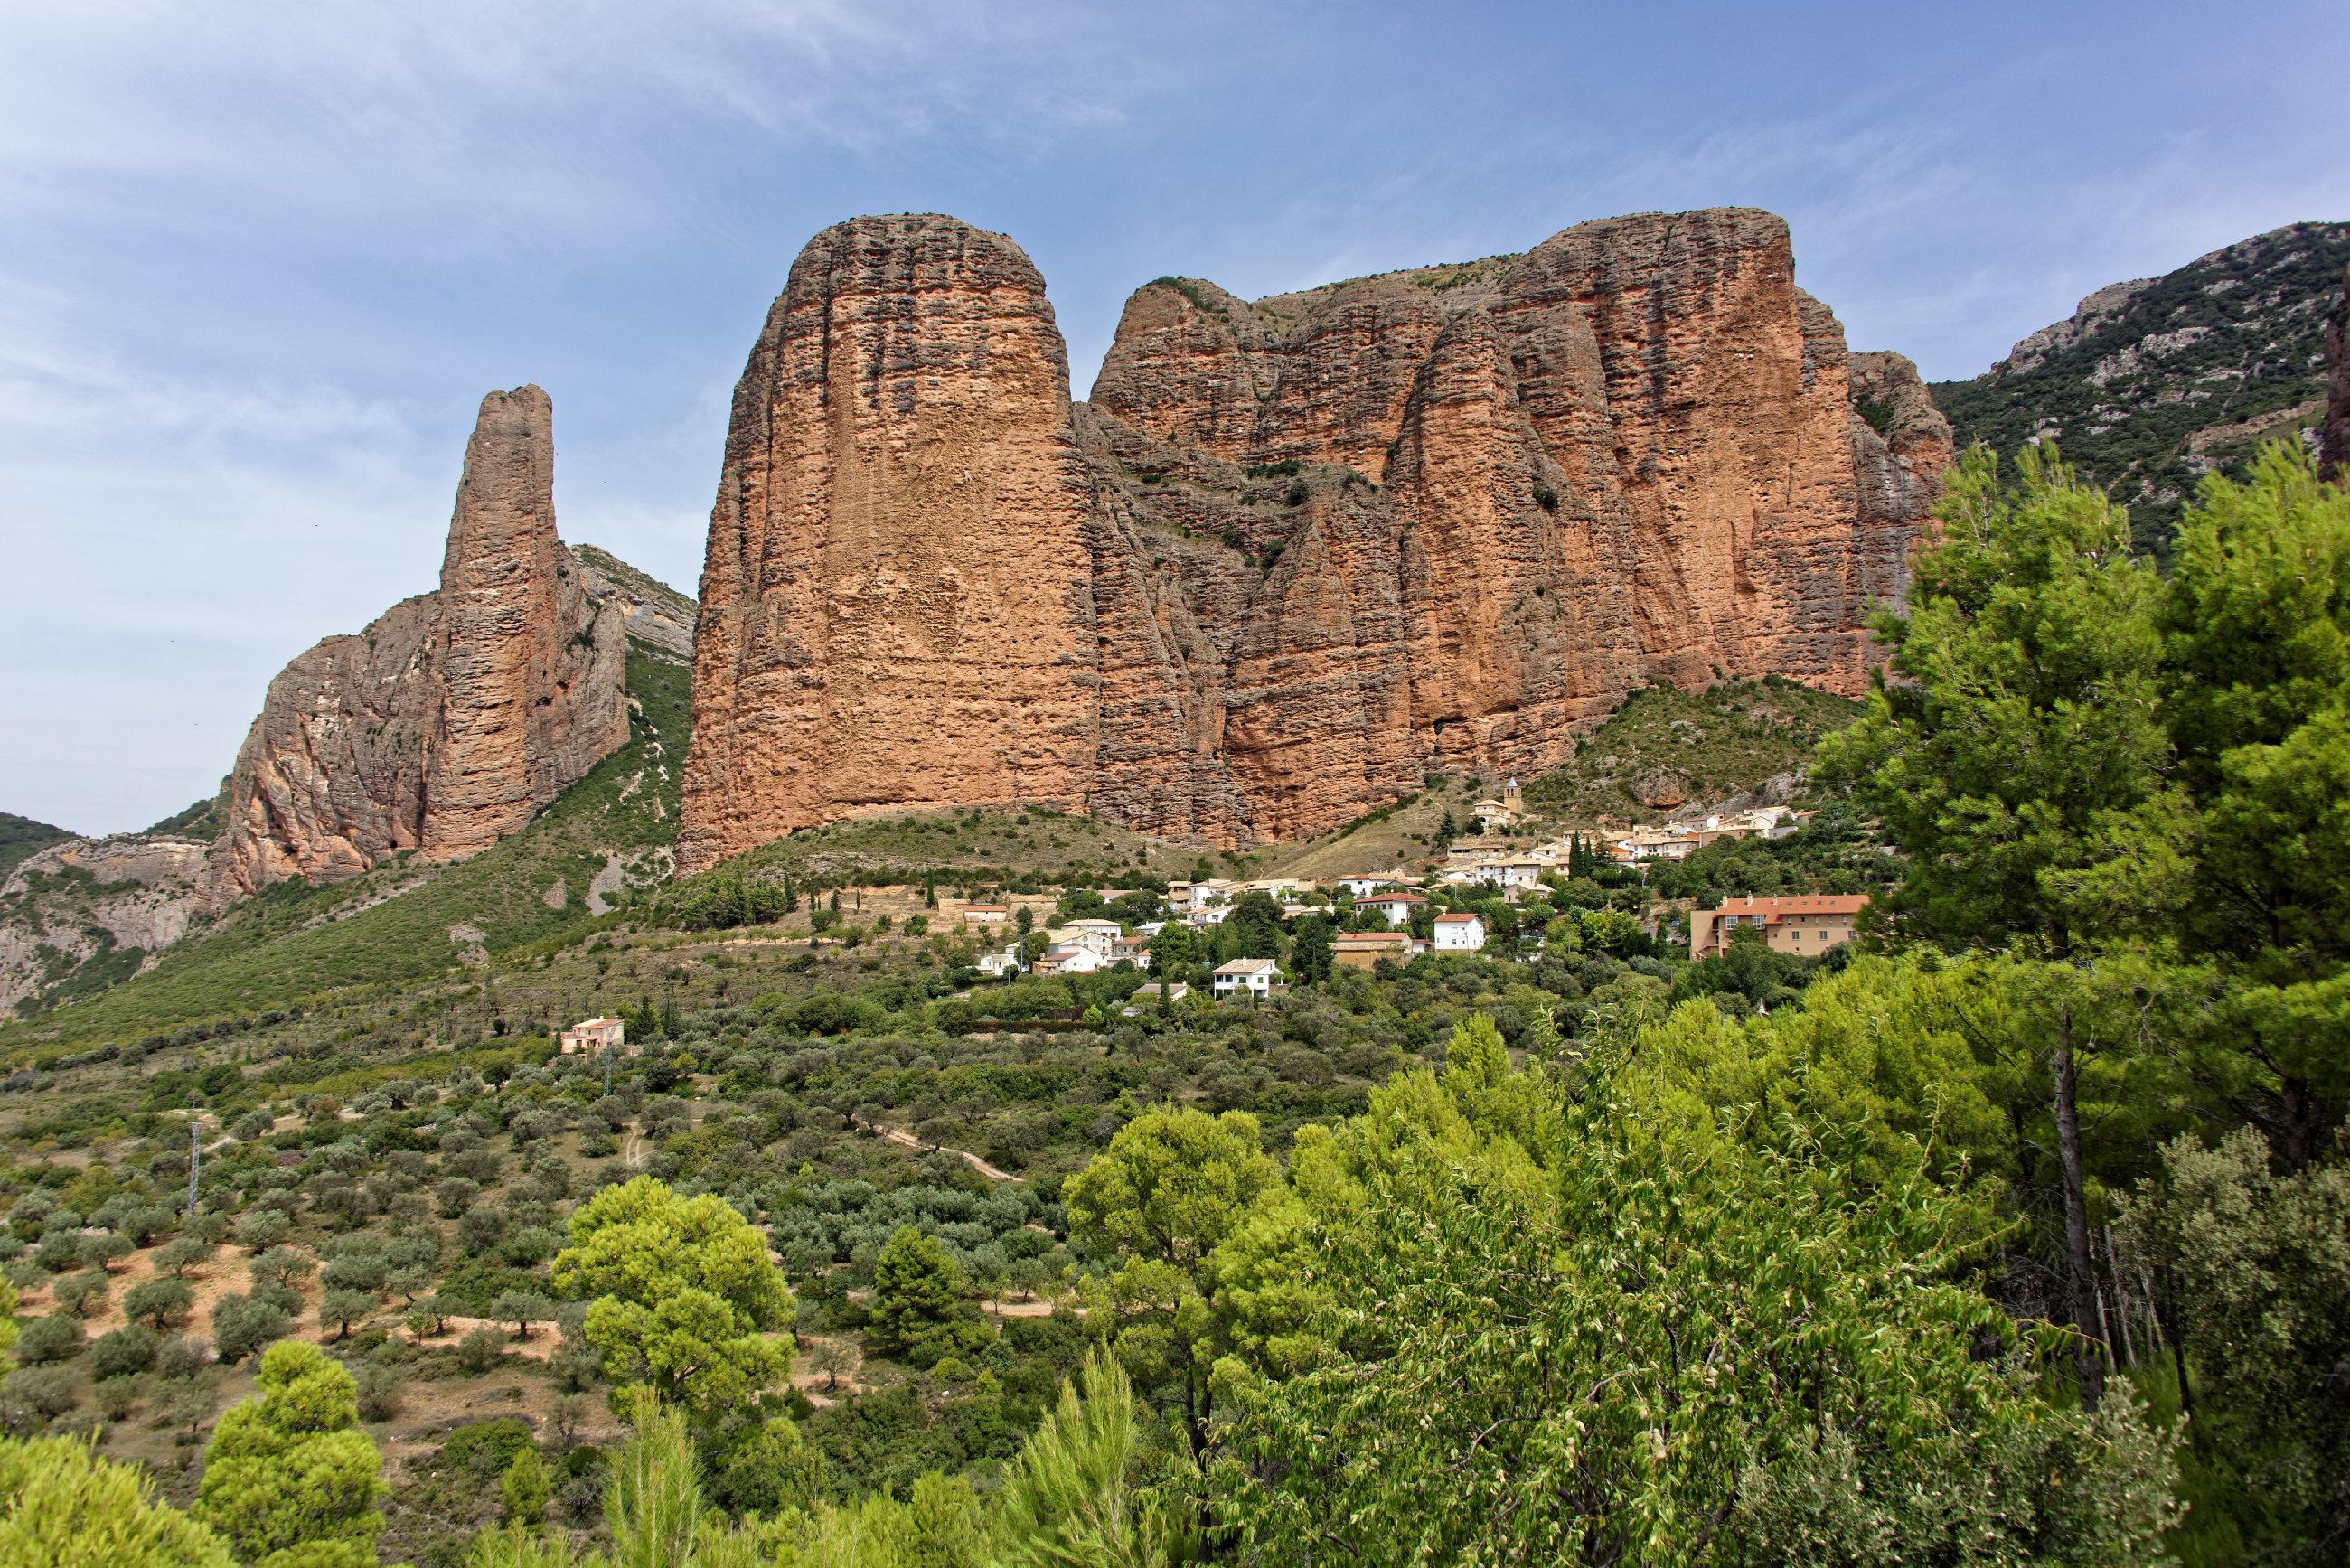 (7240) Mallos de Riglos (Aragon)